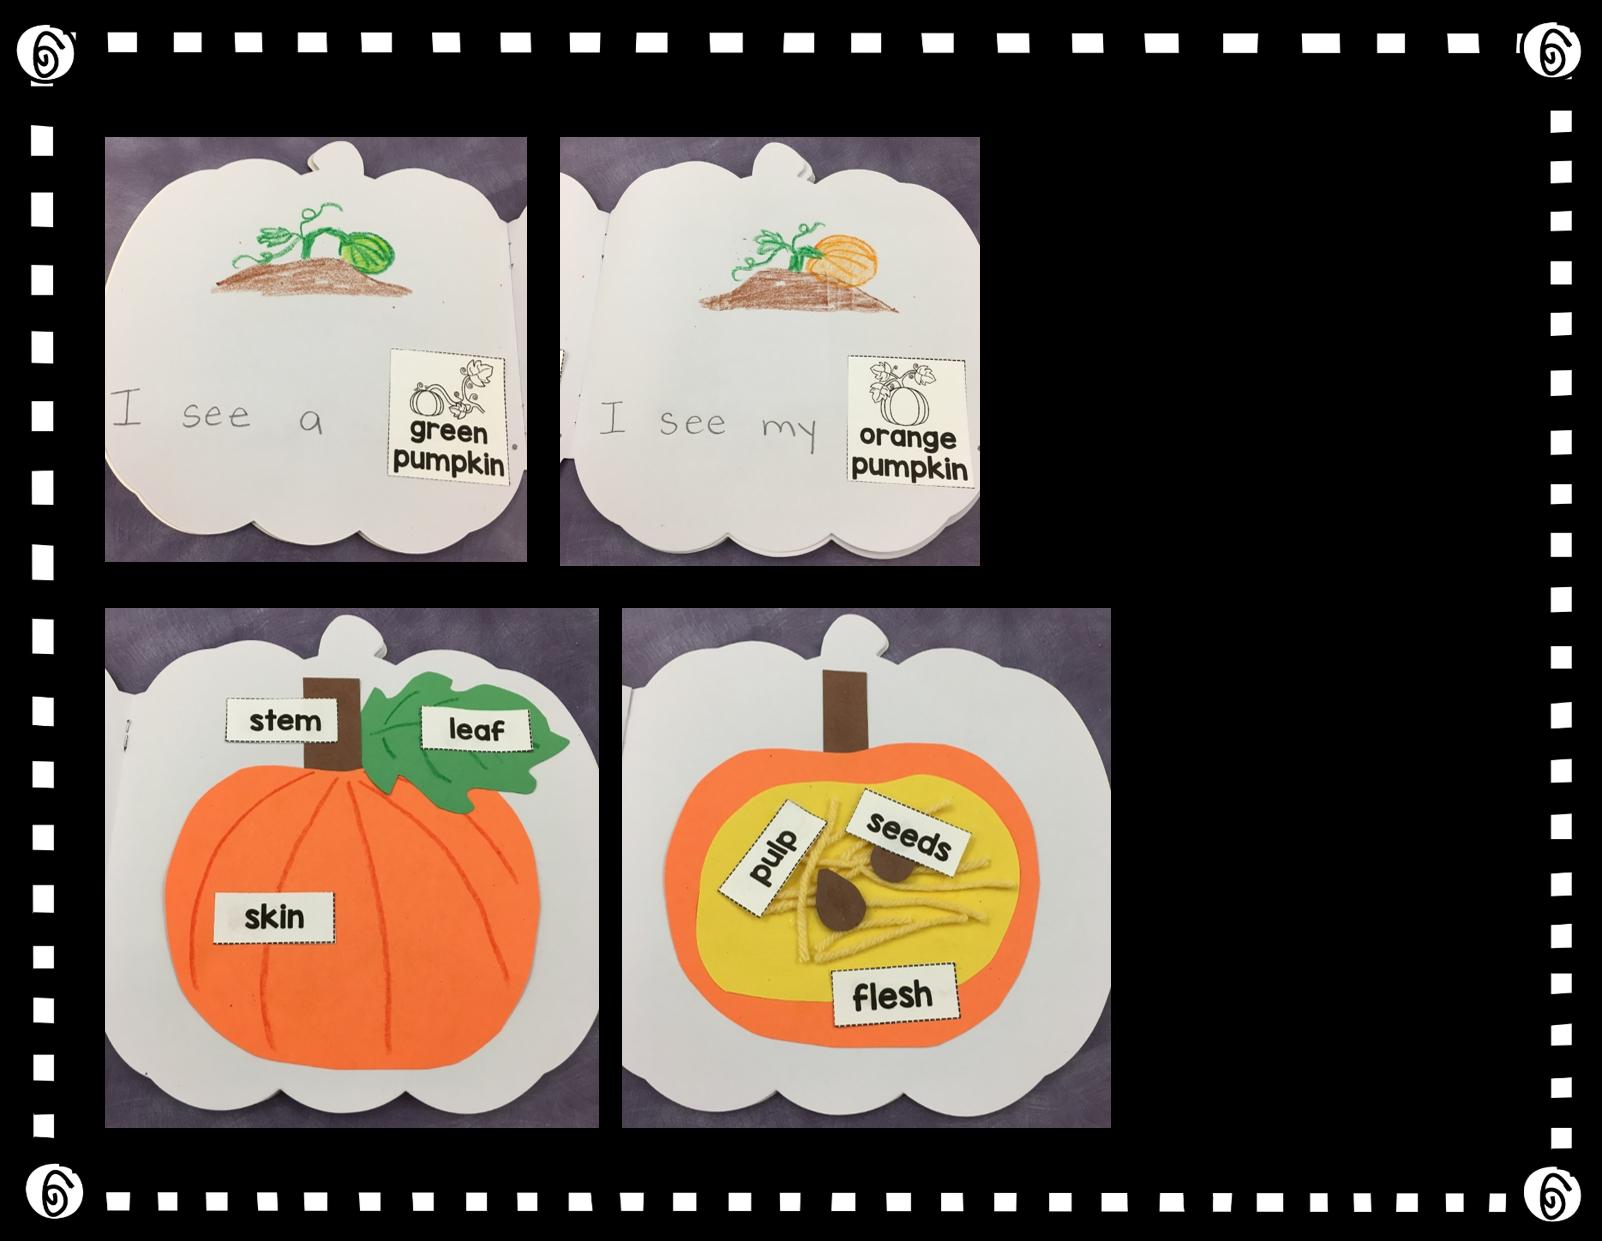 pumpkin template kindergarten  Pumpkin Shape Book | Pumpkin books, Shape books, Pumpkin